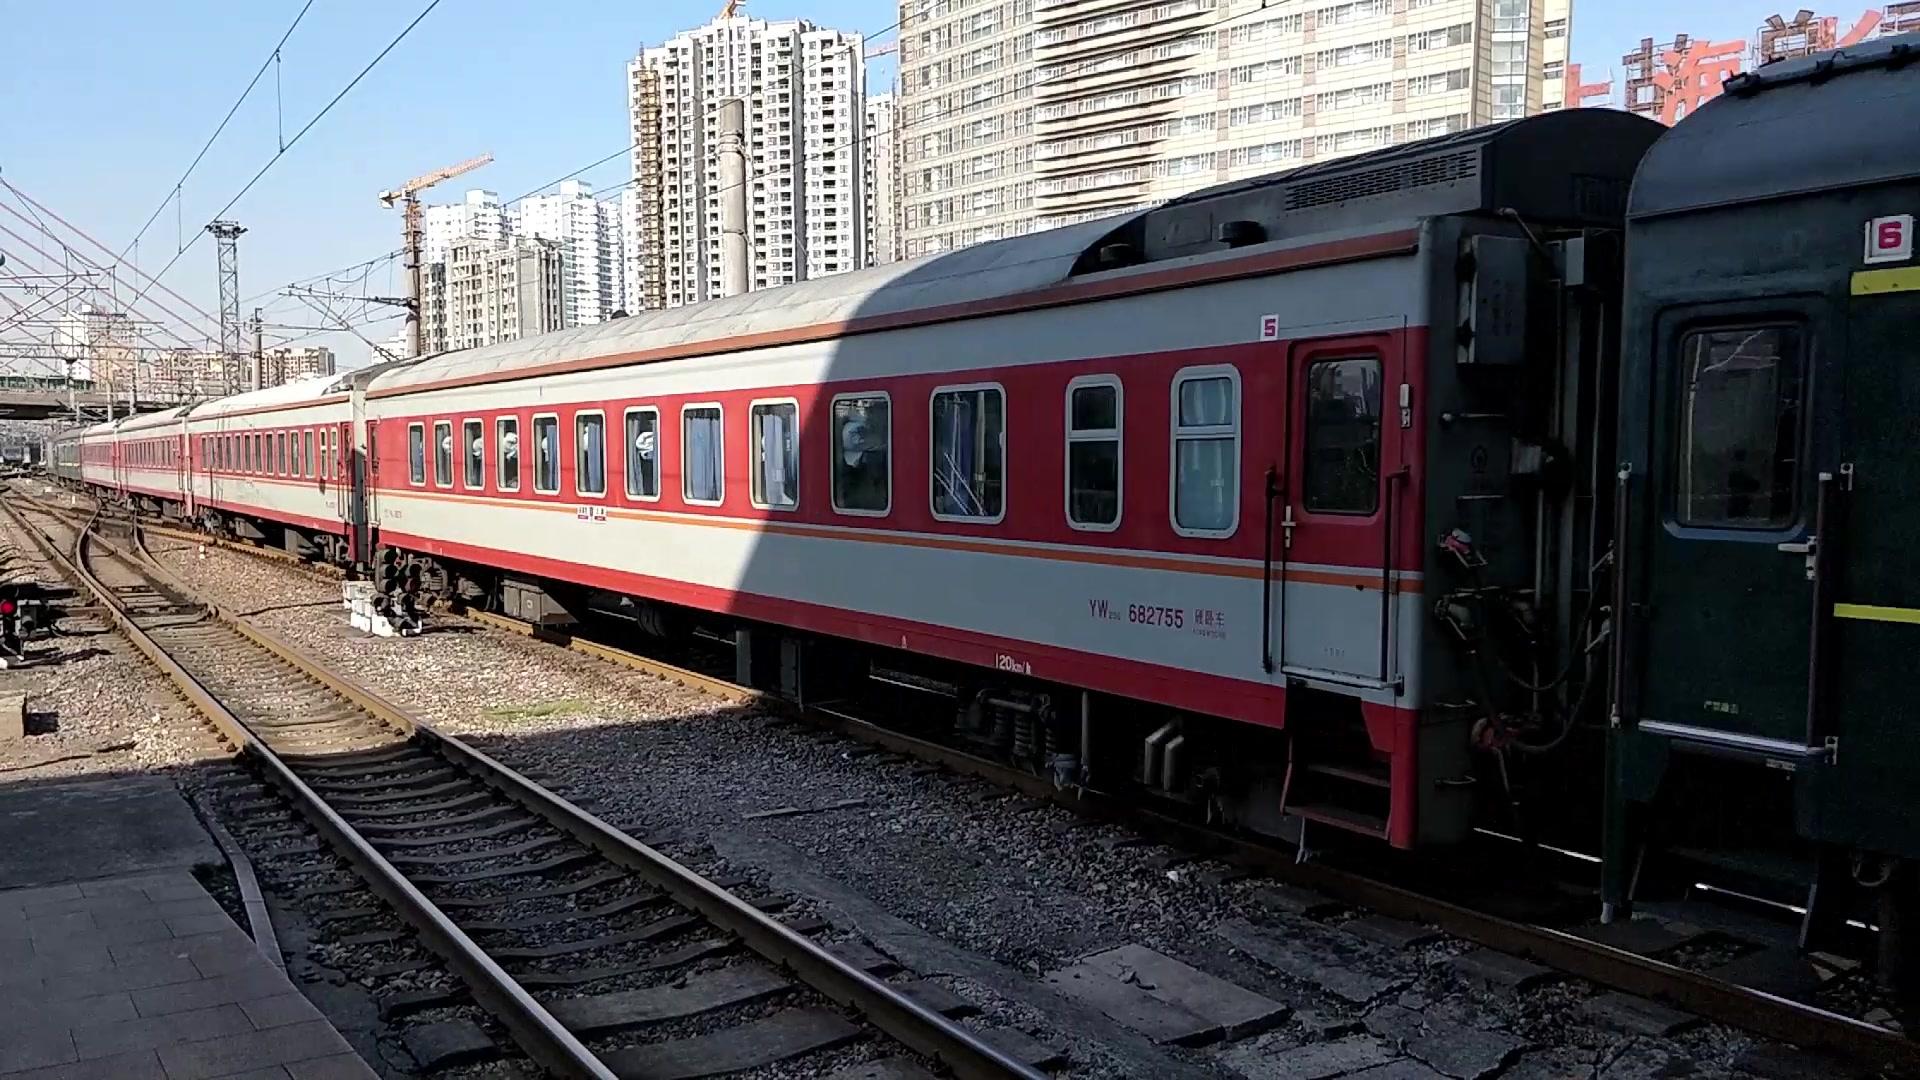 终极一�Lk�K��Y��_【铁路随拍】20180111/2 北京/上海站拍摄(6451/0z79/s1/k784//k1151k